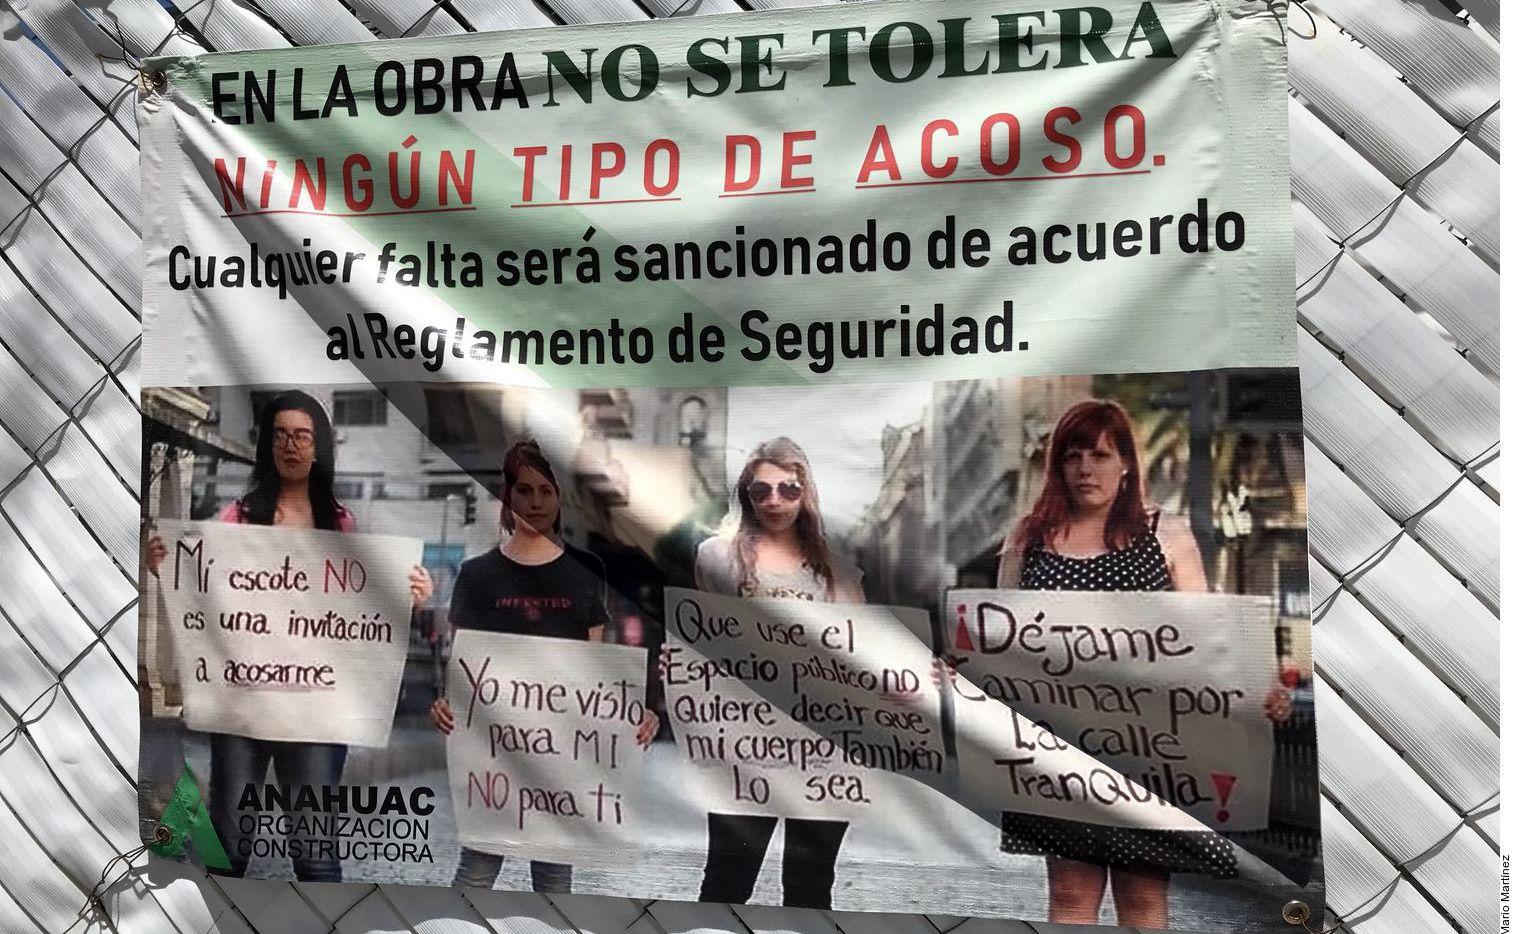 Una pancarta con mensajes en contra del acoso hacia las mujeres en una obra de construcción en la Ciudad de México.(AGENCIA REFORMA)